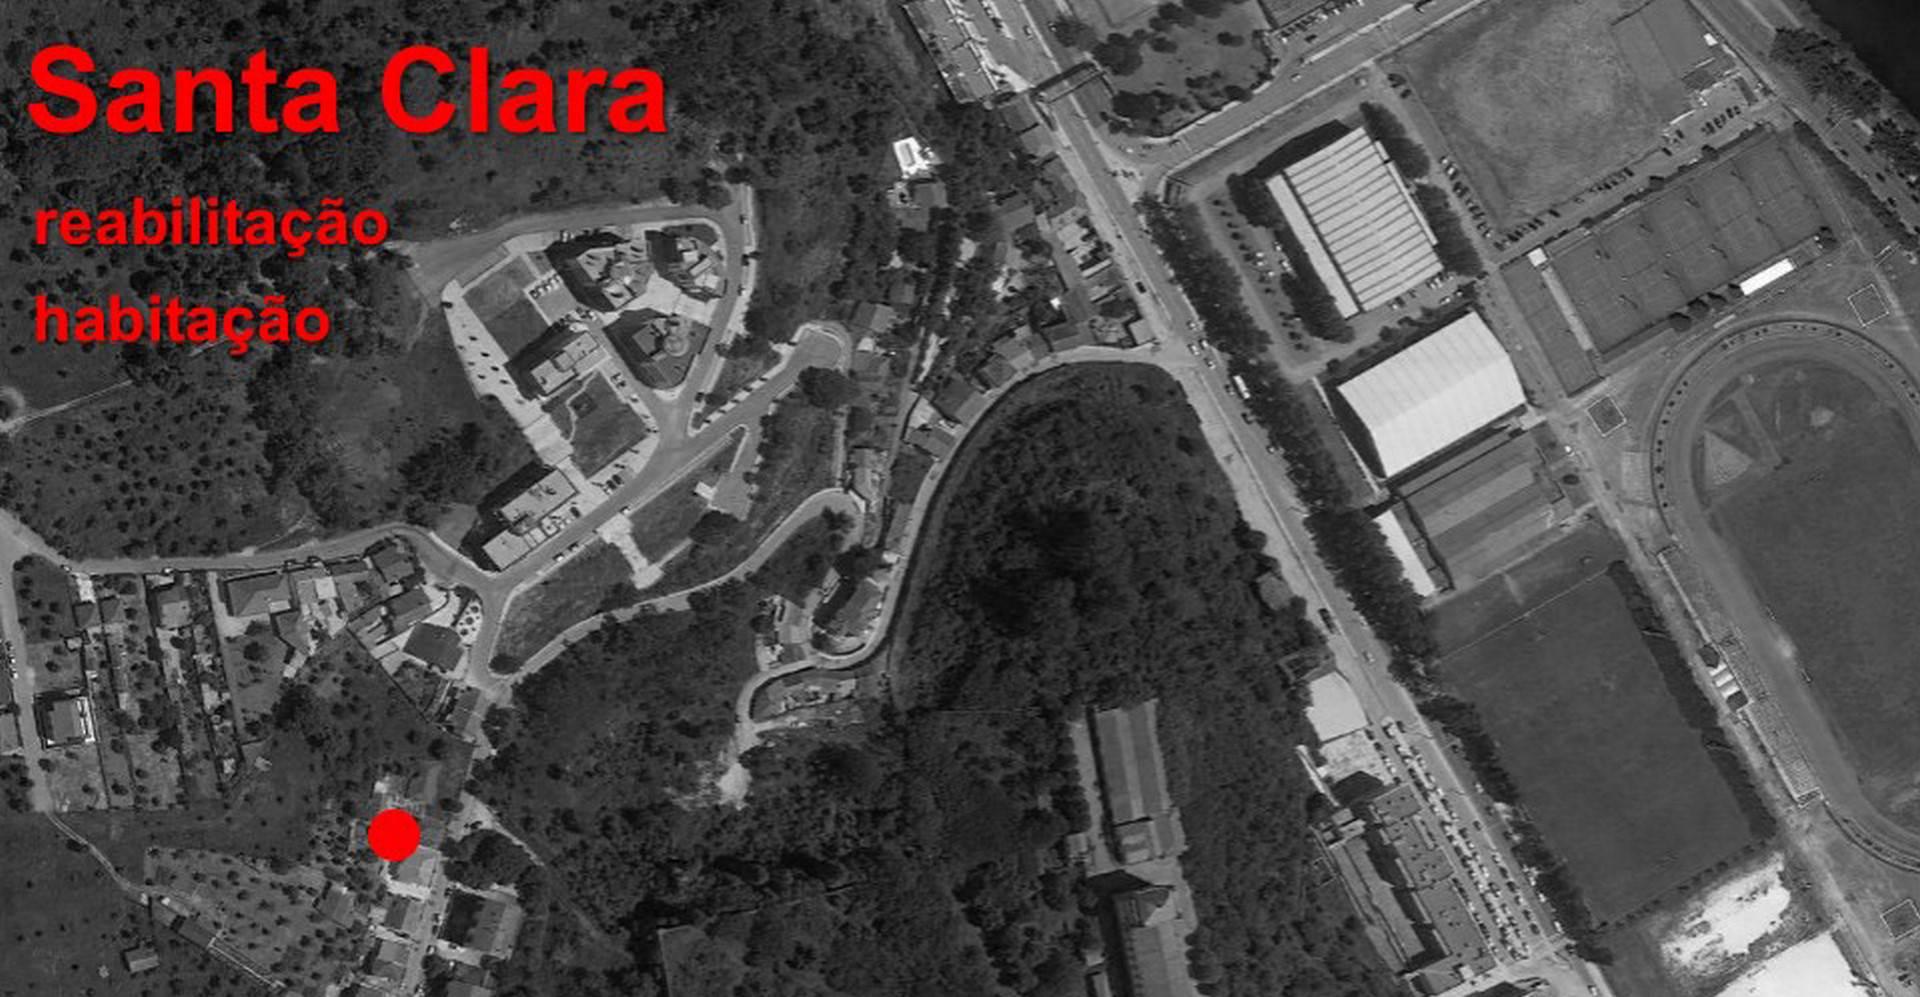 Reabilitação de Habitação em Santa Clara - Coimbra 0